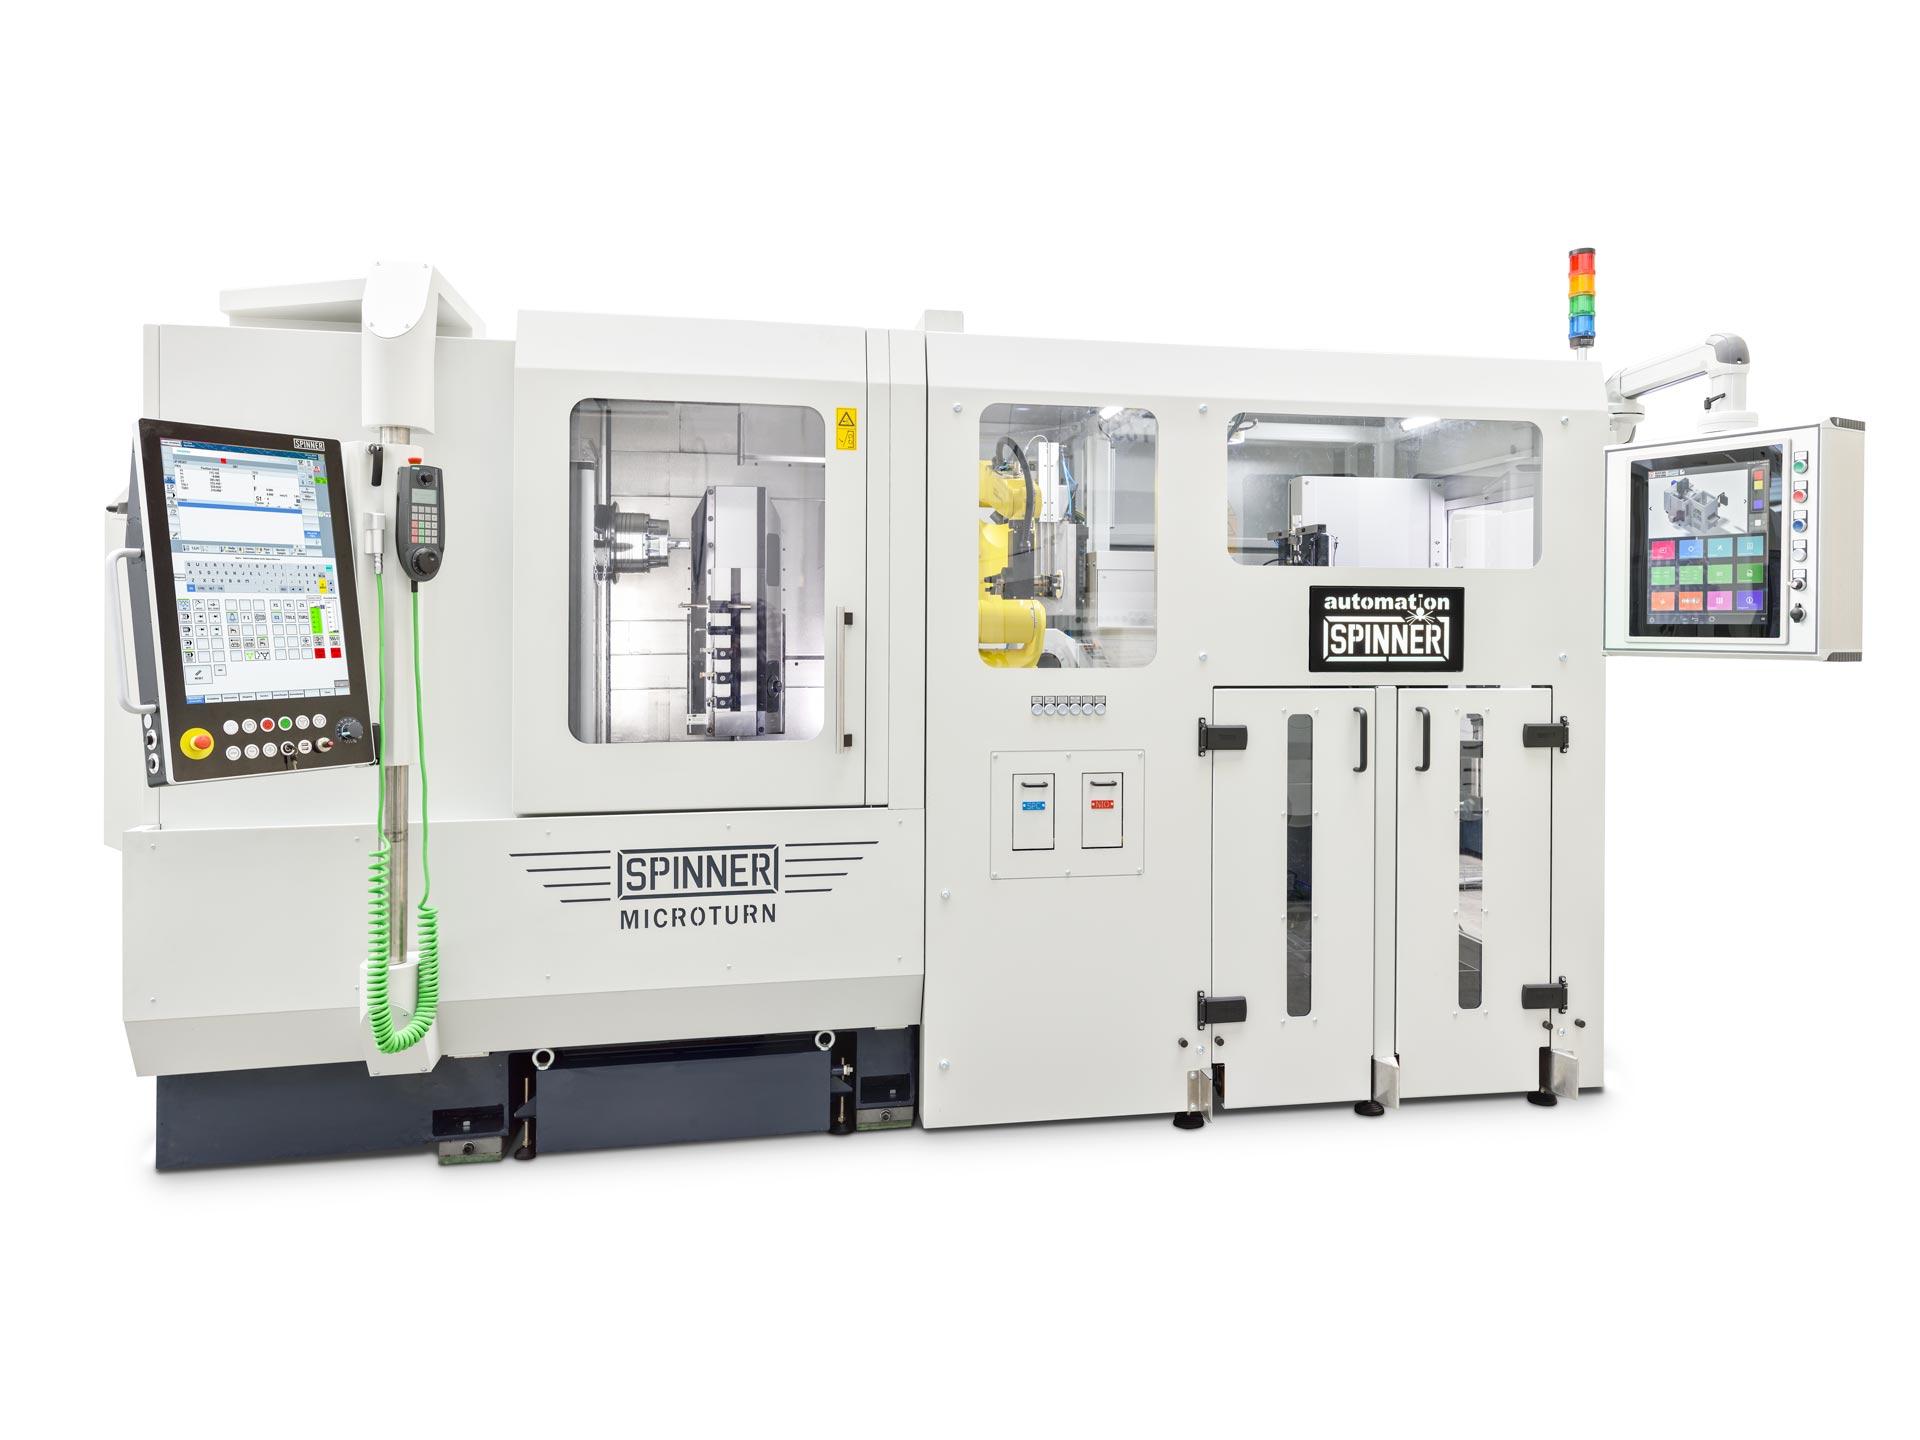 Spinner AG - Ultrapräzisionszentrum Microturn LT - mit Automation